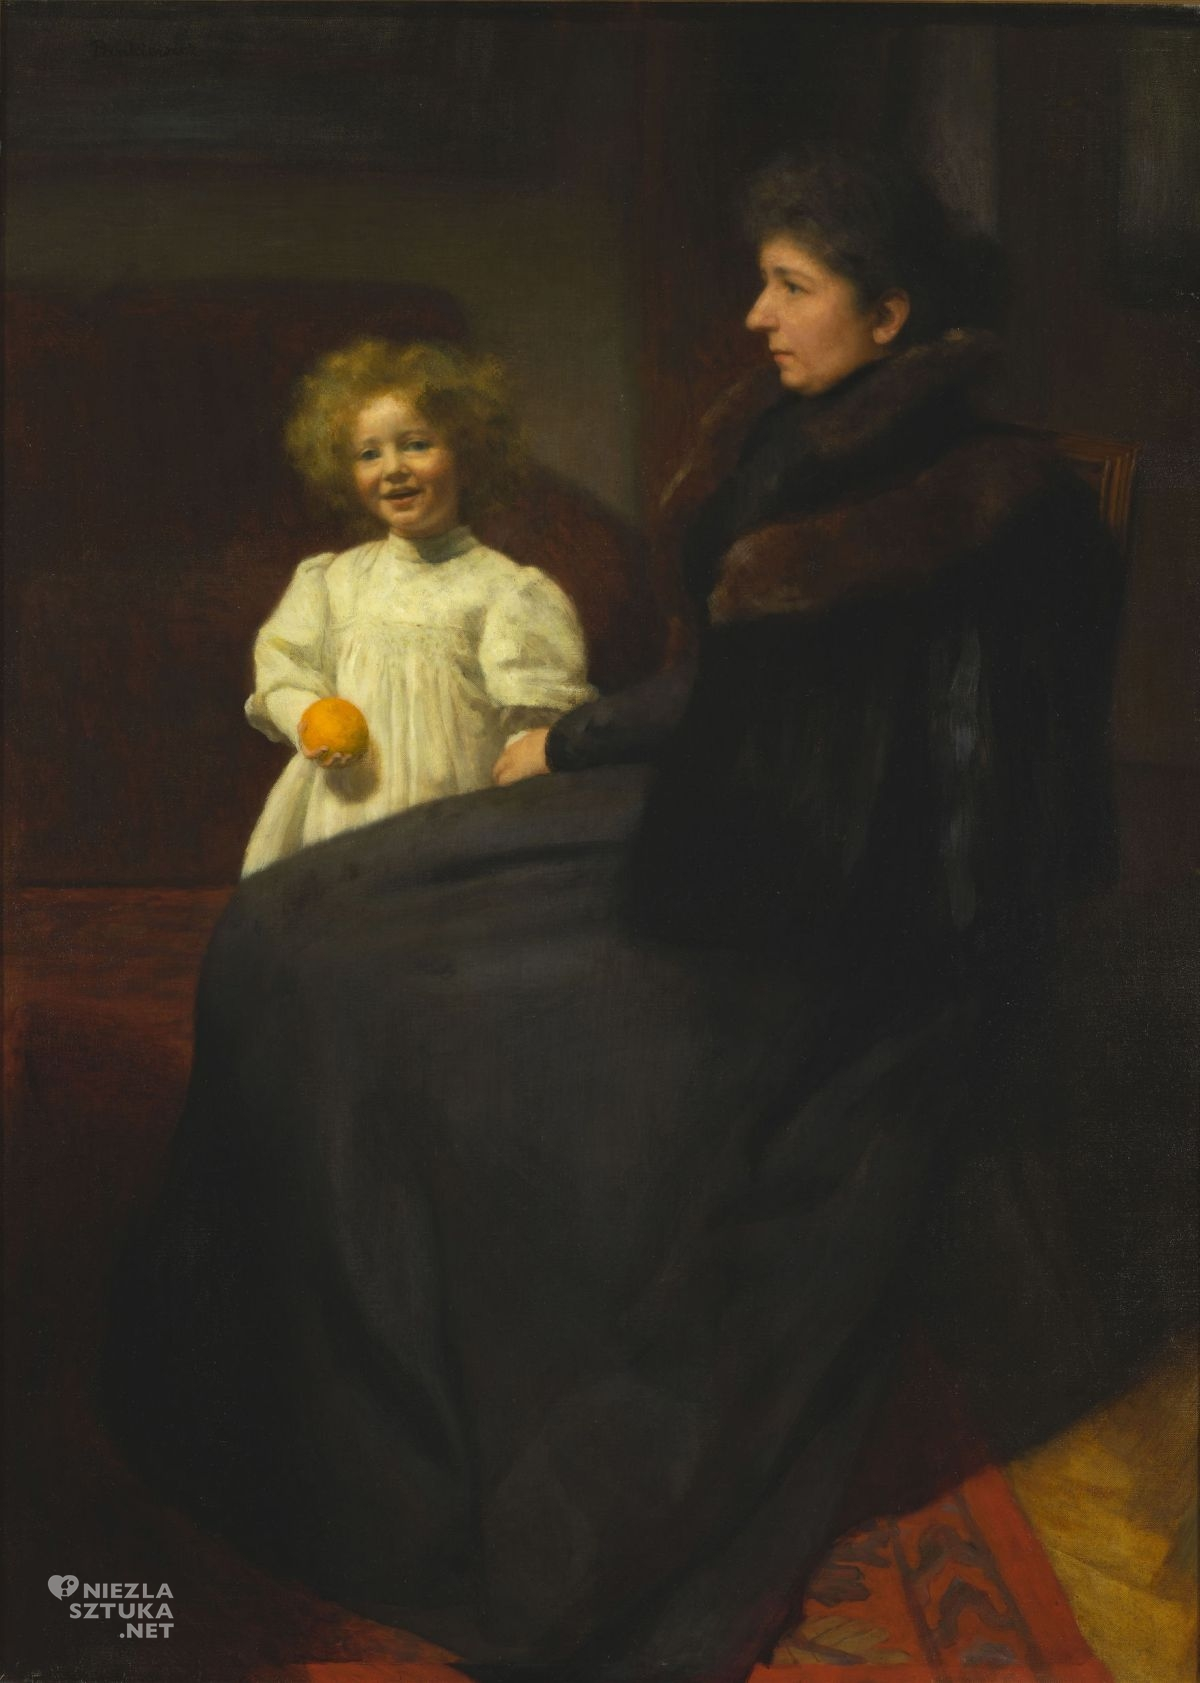 Józef Pankiewicz, Portret pani Oderfeldowej z córką, sztuka polska, malarstwo polskie, Niezła sztuka